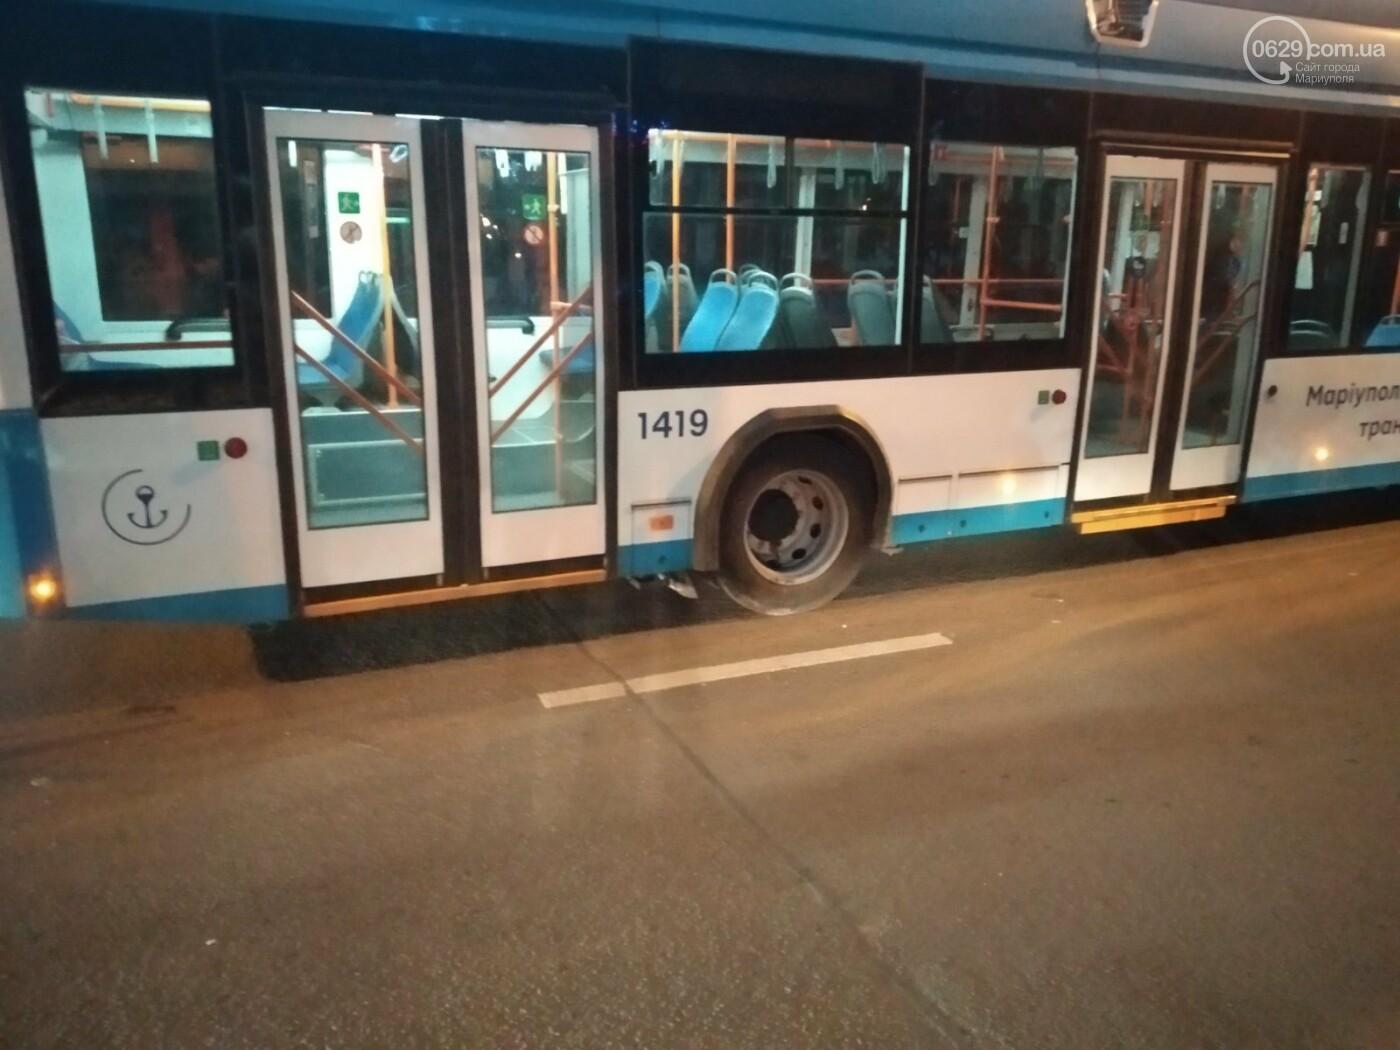 В Мариуполе столкнулись троллейбус и «Волга». Пострадал ребенок, - ФОТО, фото-3